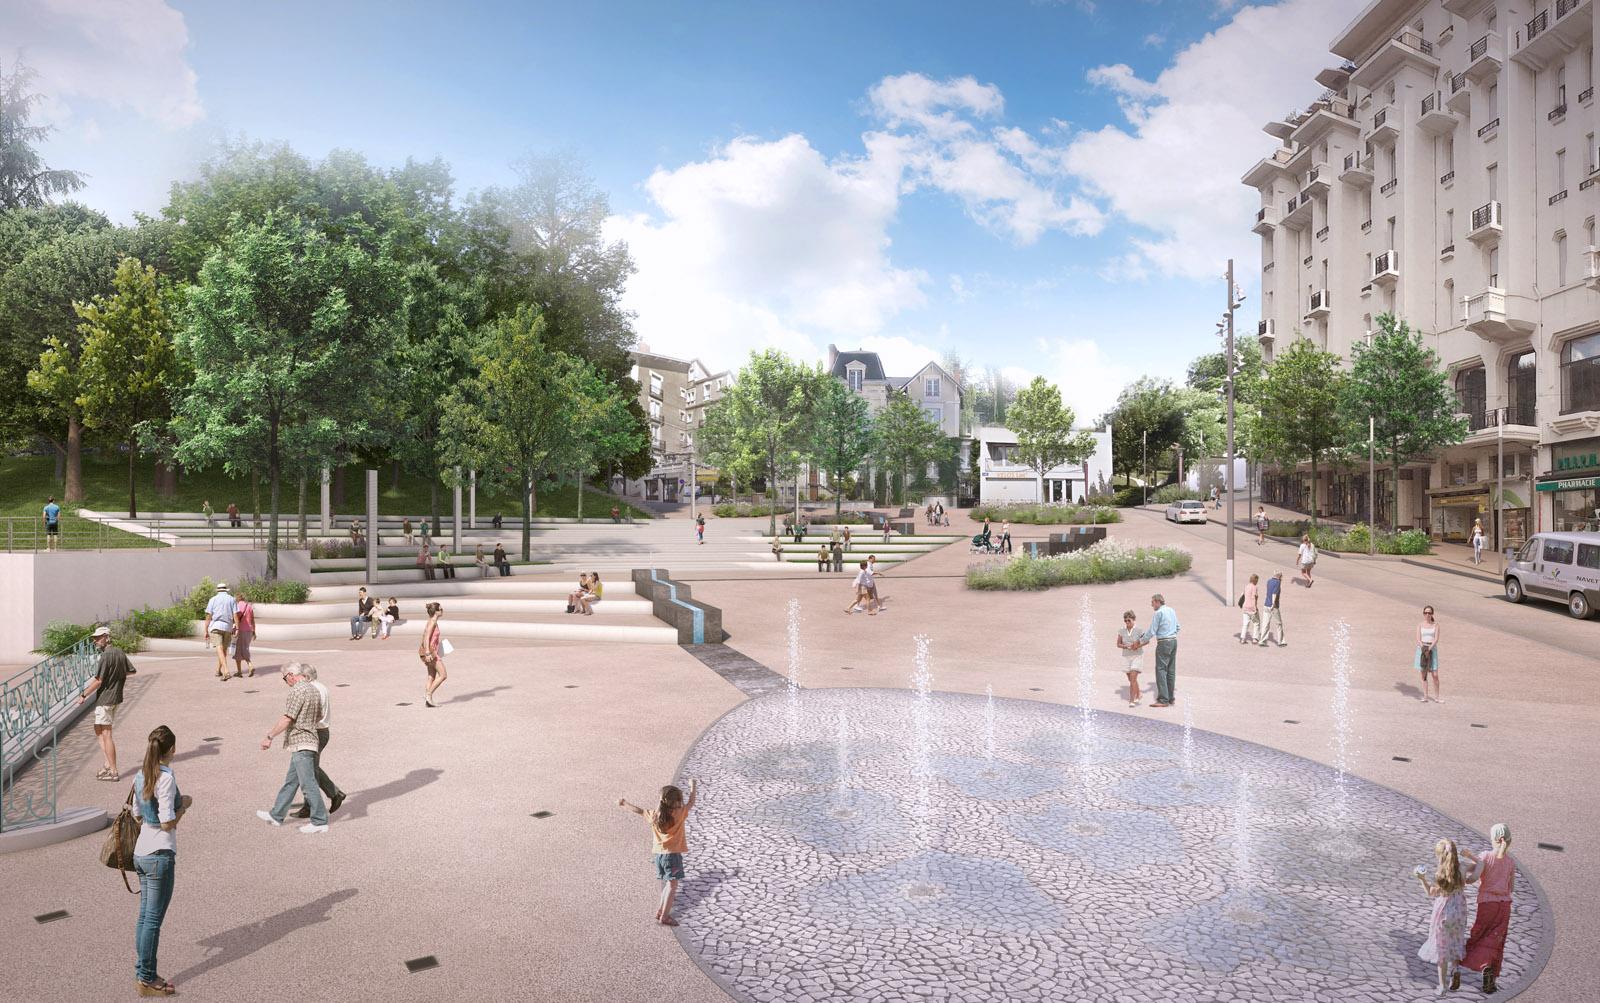 180904-place-chatel-guyon-brosson-jnc-1.jpg